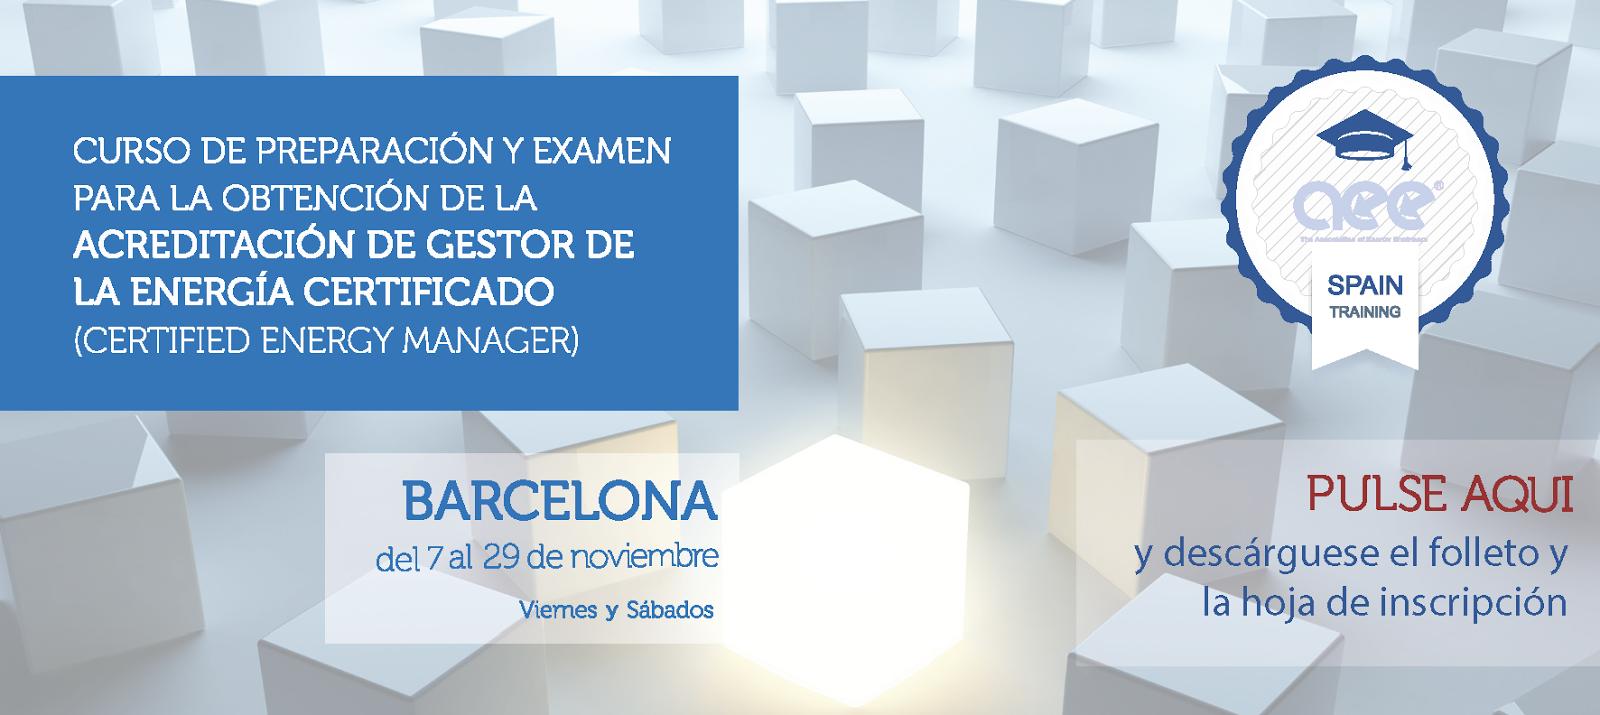 Curso CEM PT Barcelona Nov14